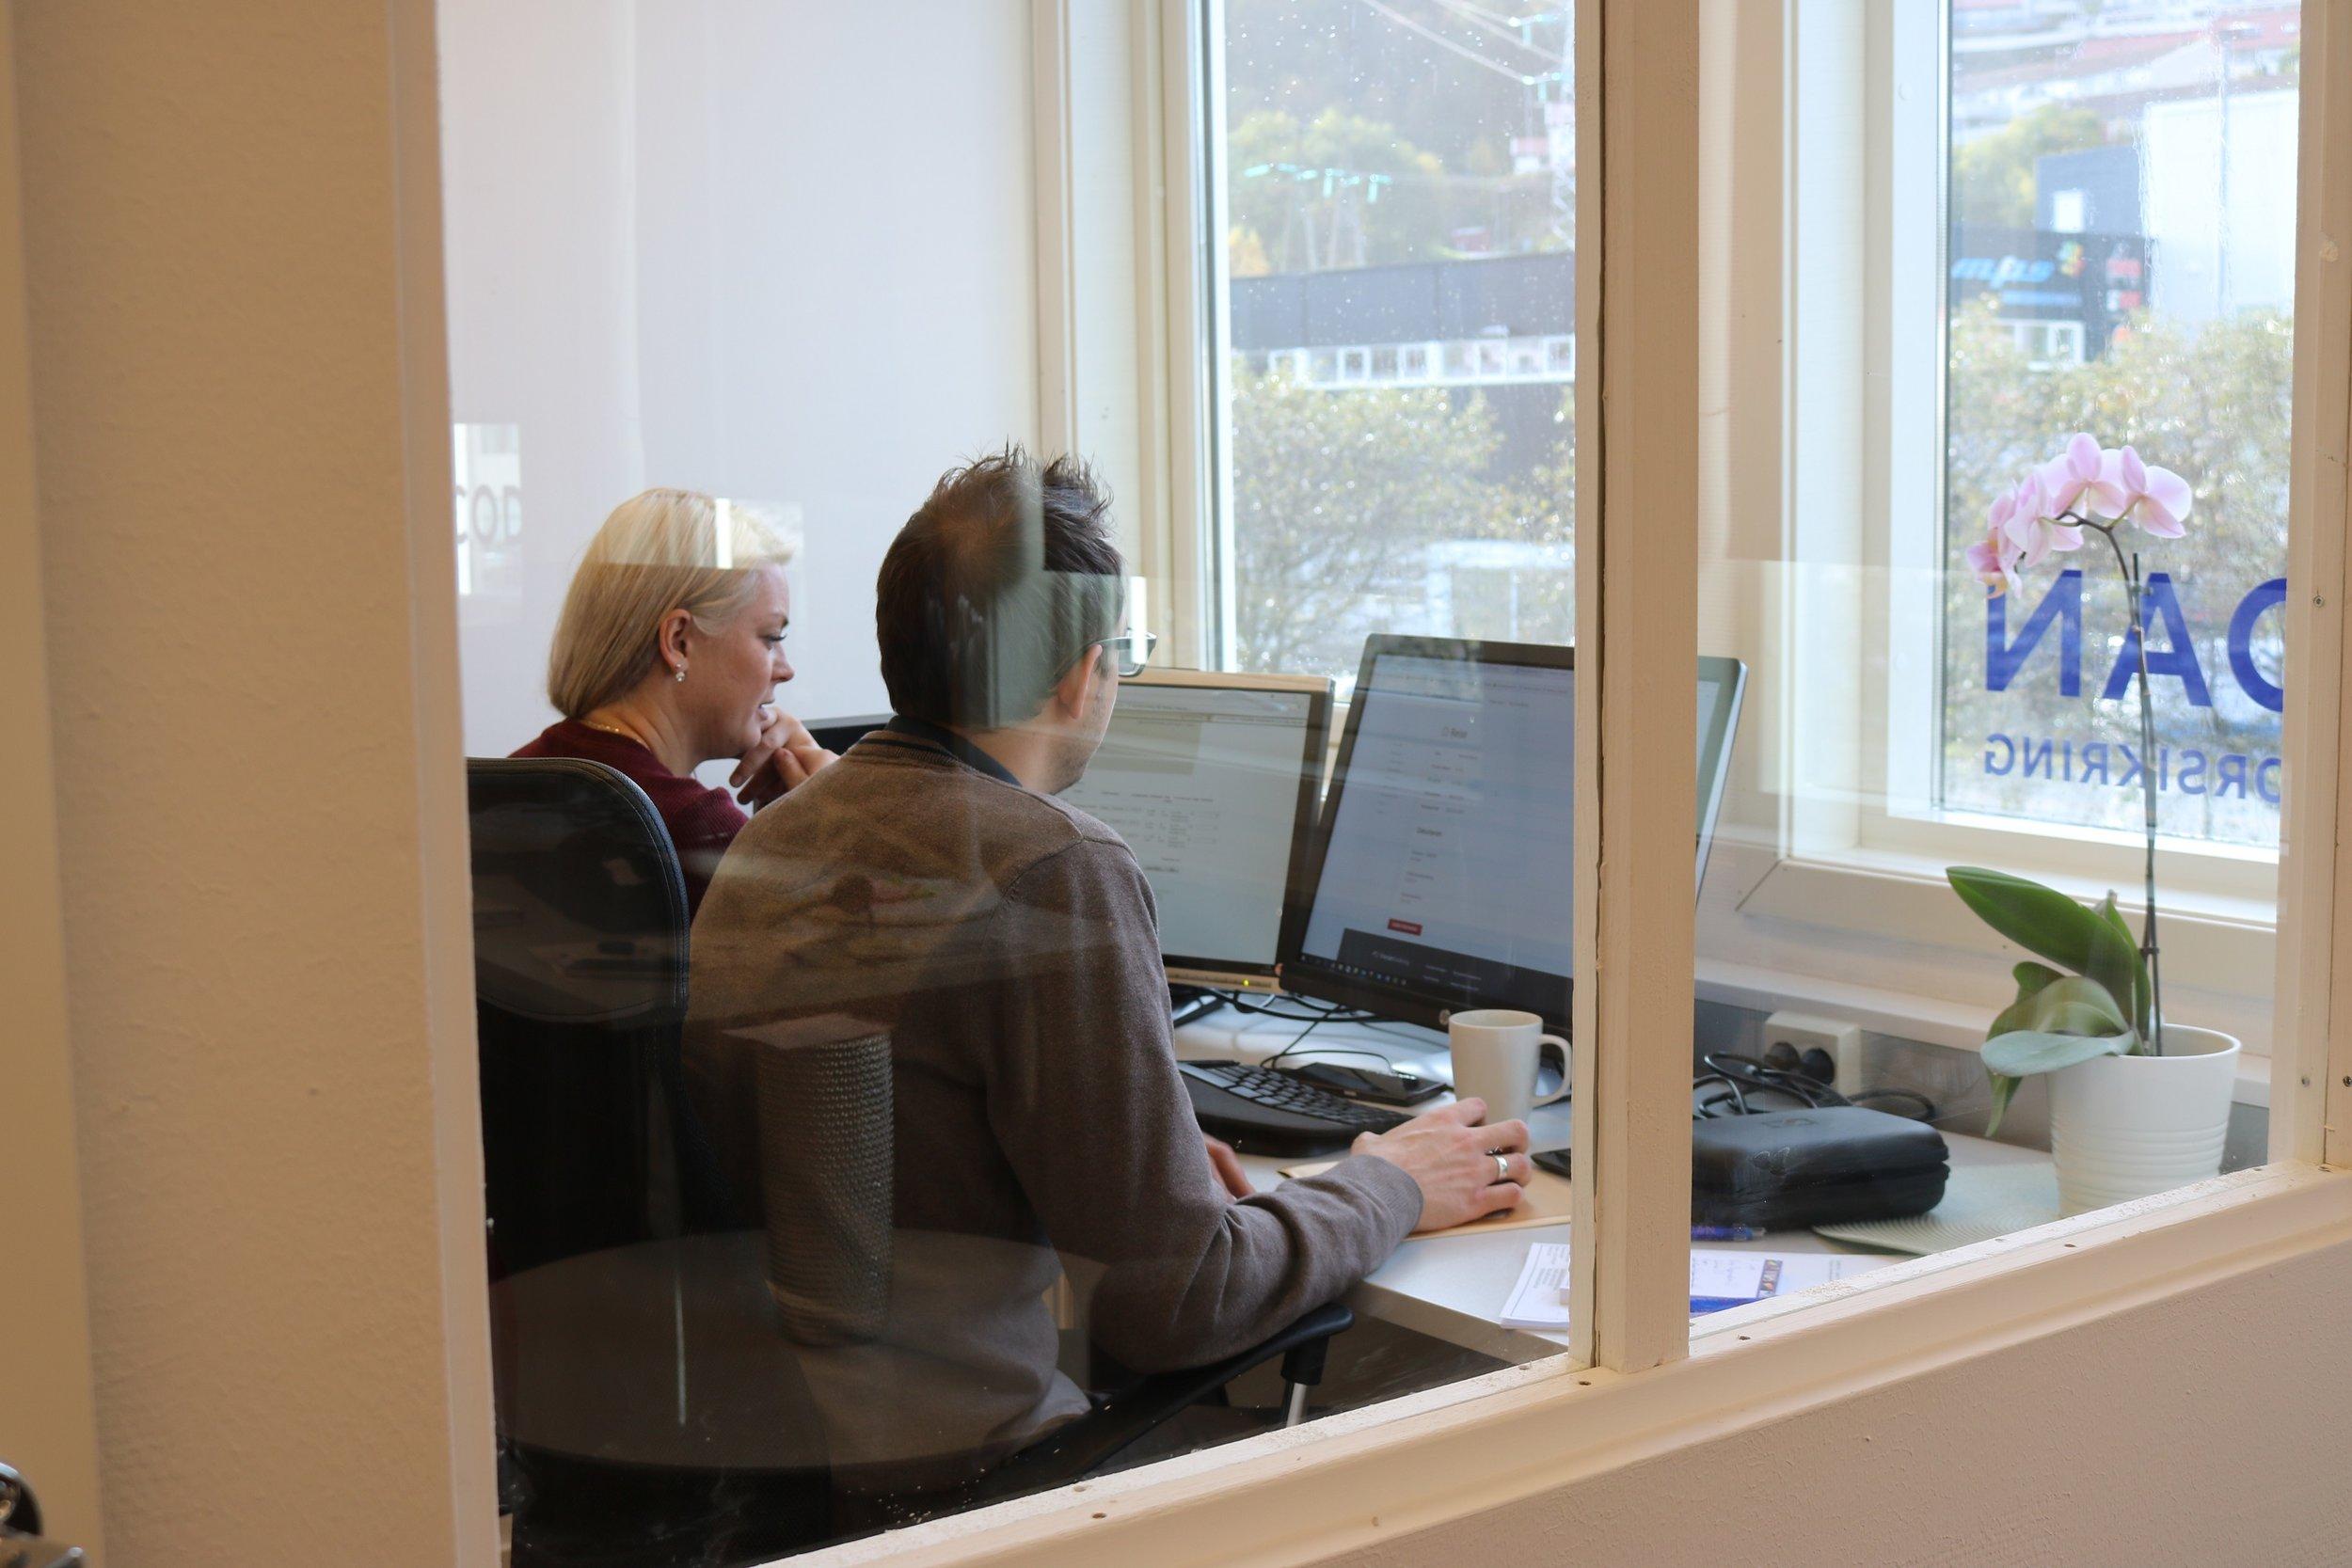 Kristoffer og Linn er godt i gang med å regne på tilbud første dagen på jobb. Kristoffer har jeg virkelig troen på vil lykkes i denne bransjen sier linn.